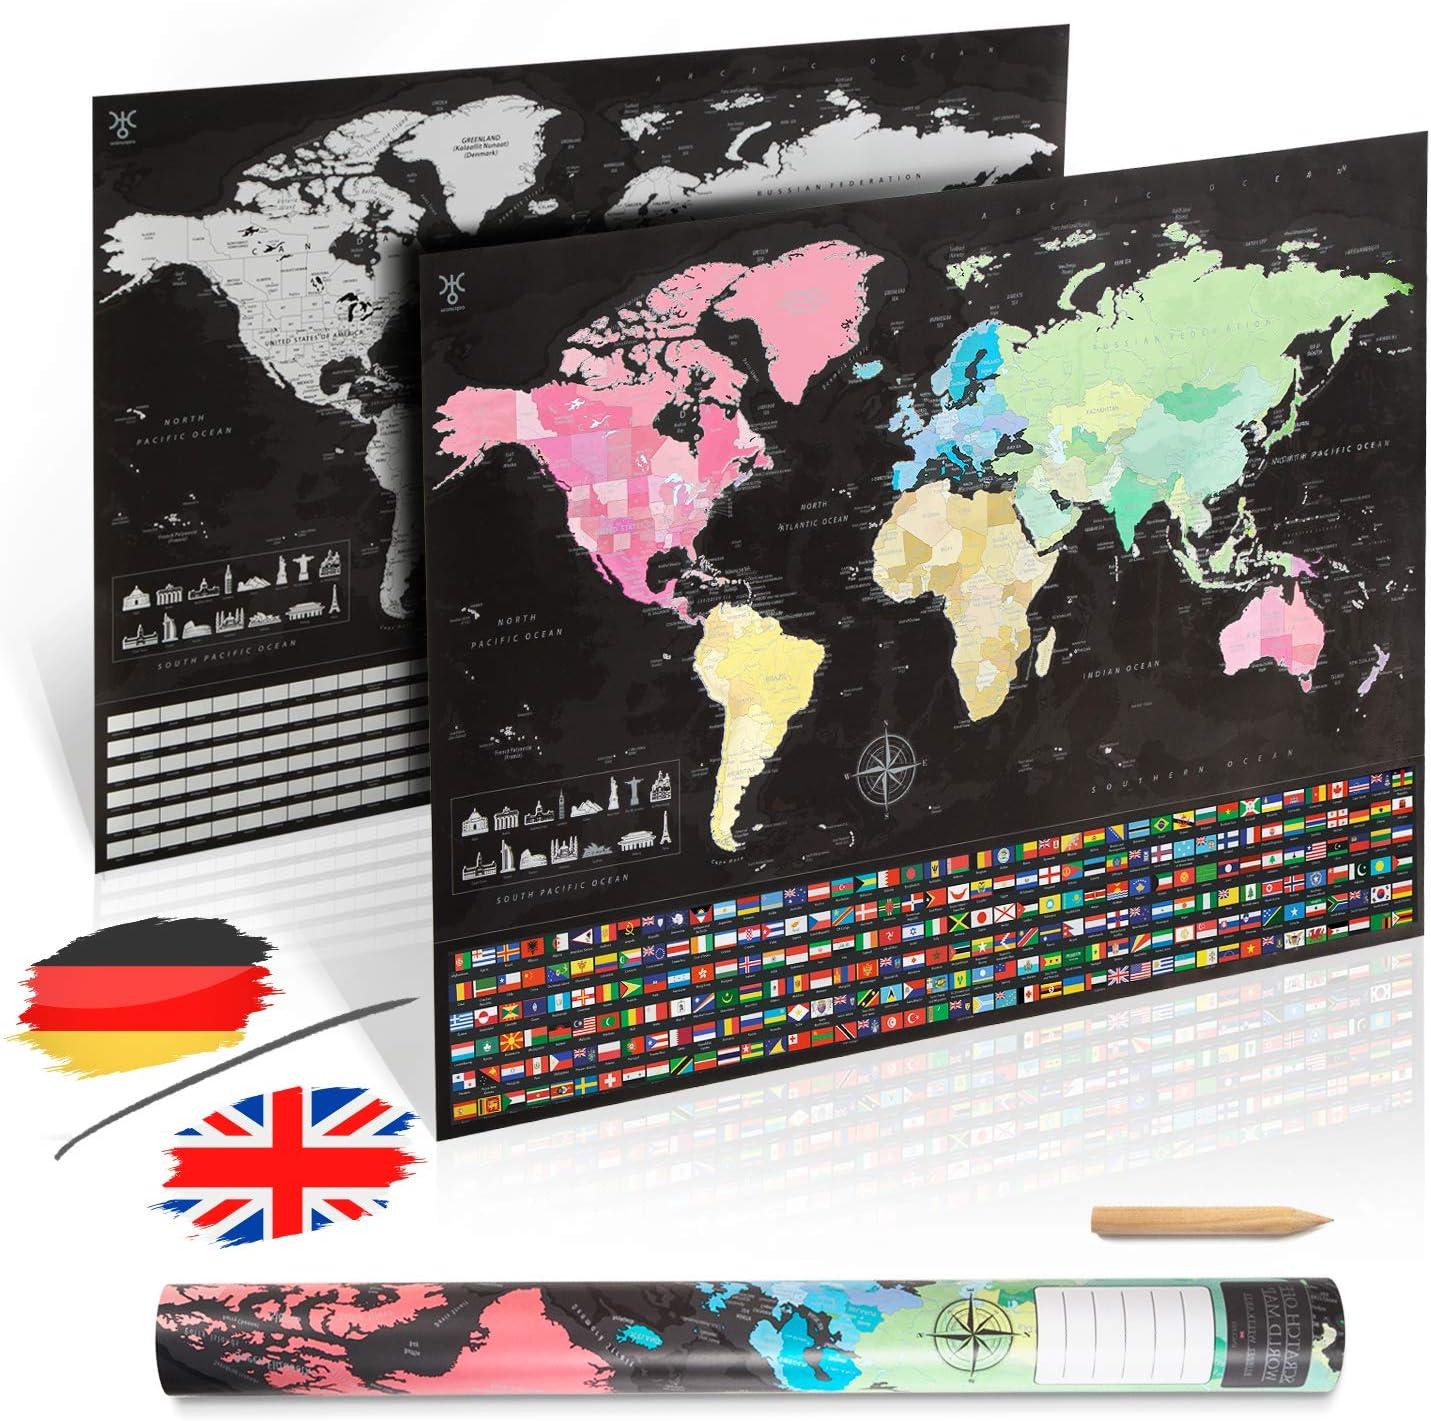 Deutsch uranuspro Scratch Off World Map//Detaillierte Weltkarte zum Rubbeln im XXL Poster Format 84 x 60 Rubbel Weltkarte